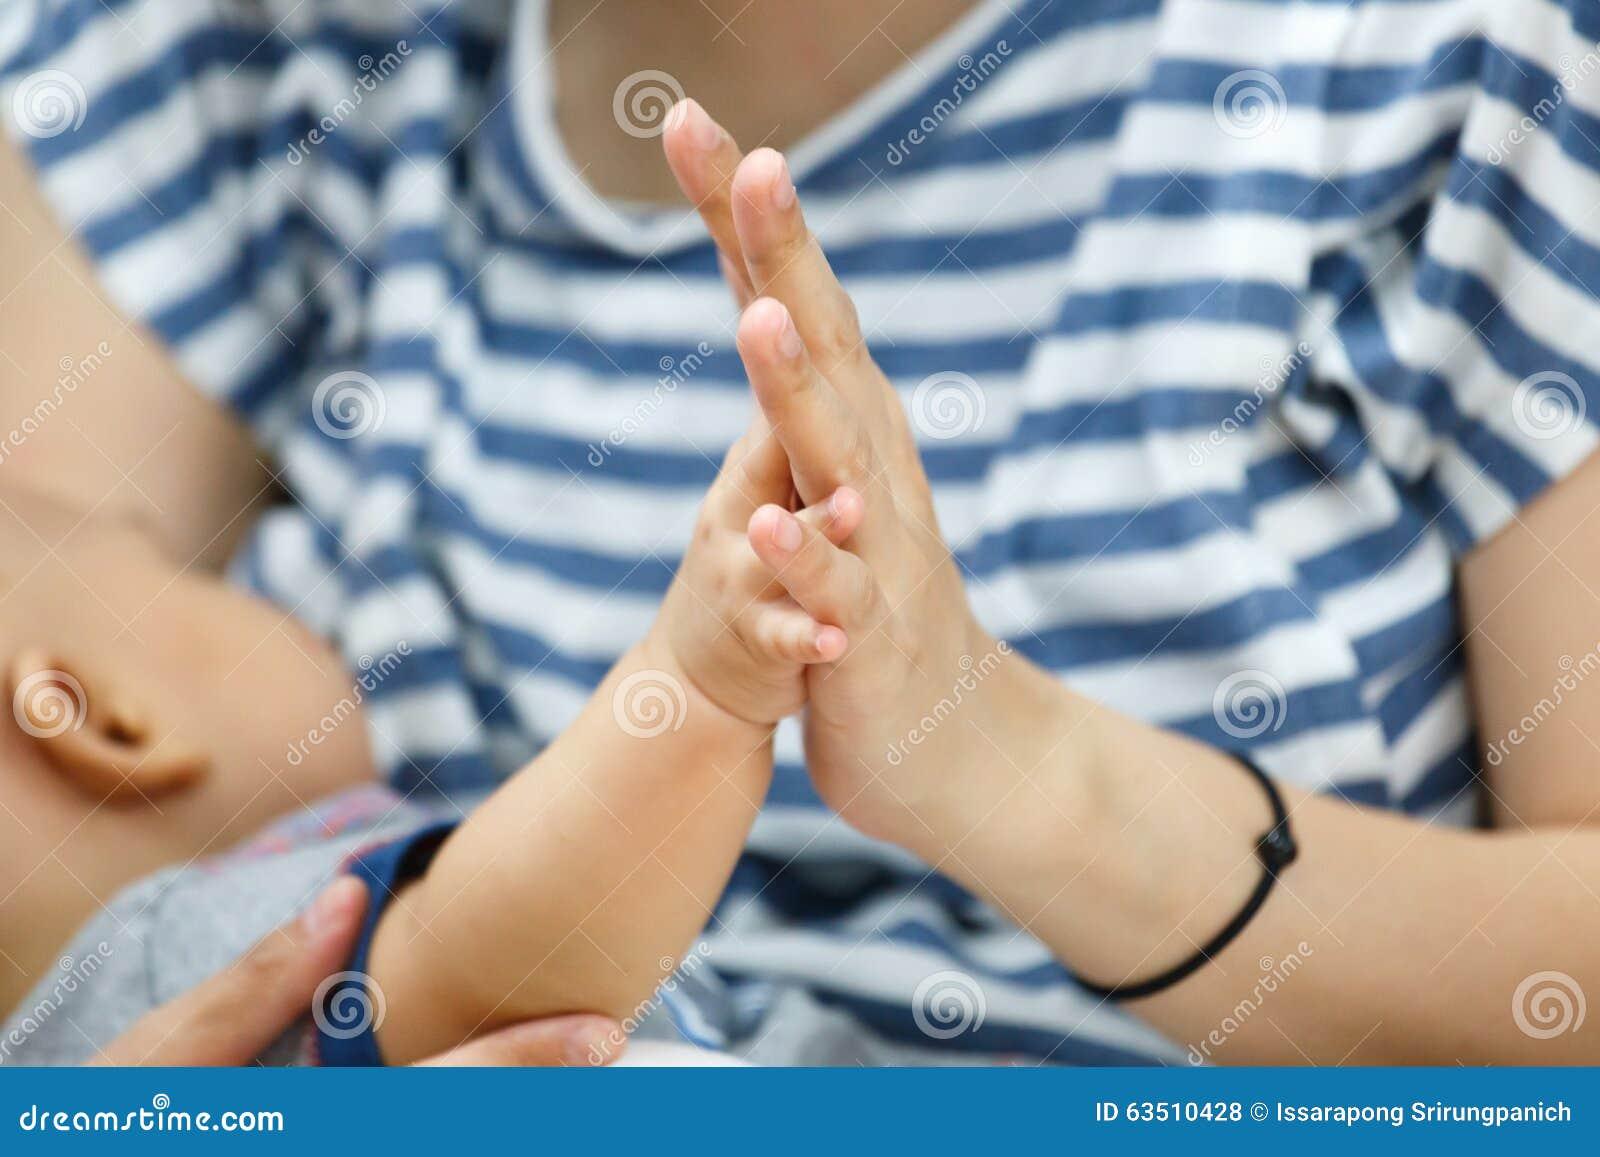 Breast feeding thumbs